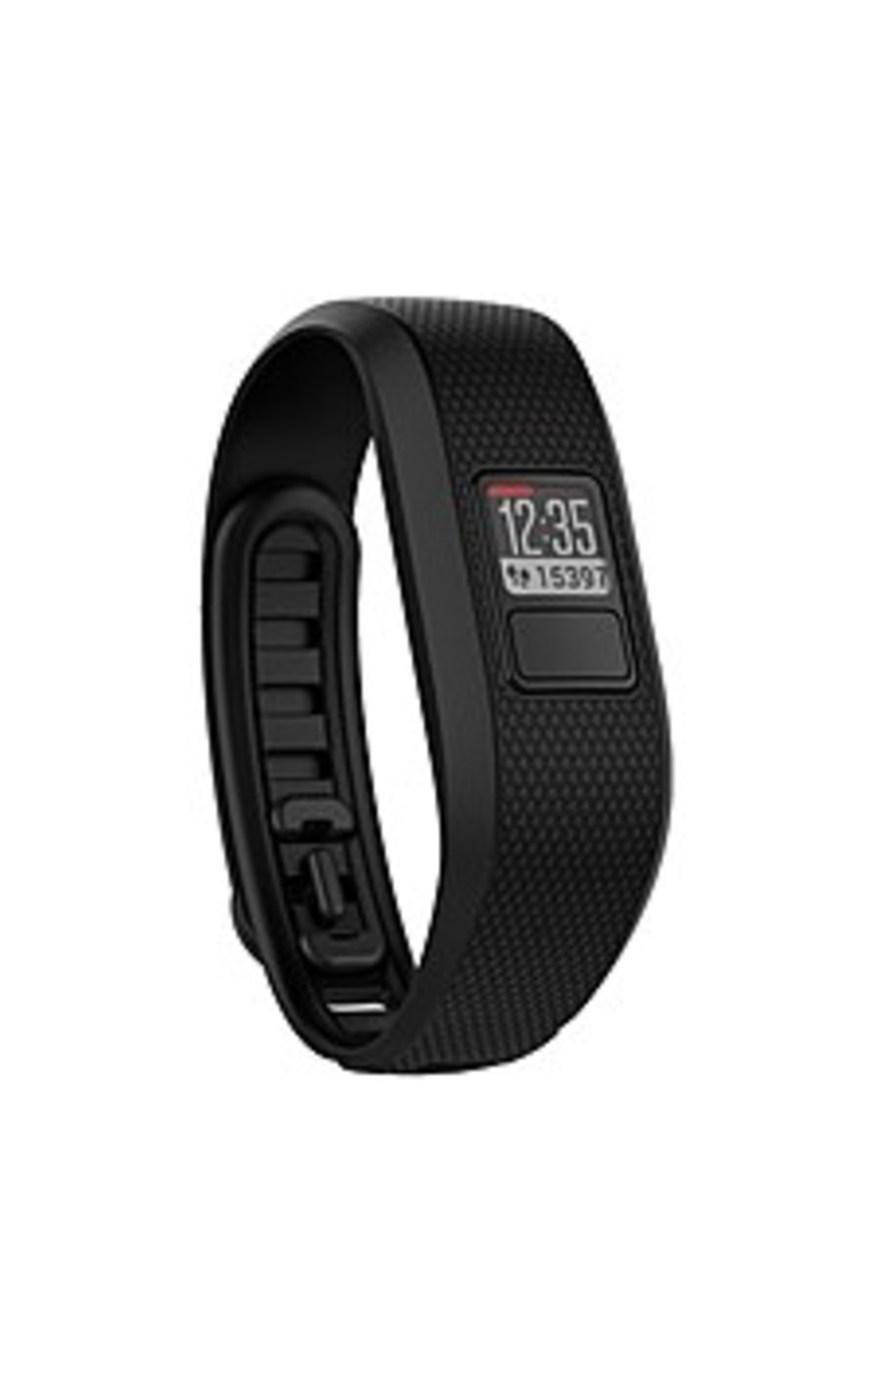 Garmin vivofit 3 Activity Tracker (Regular) Black 010-01608-00